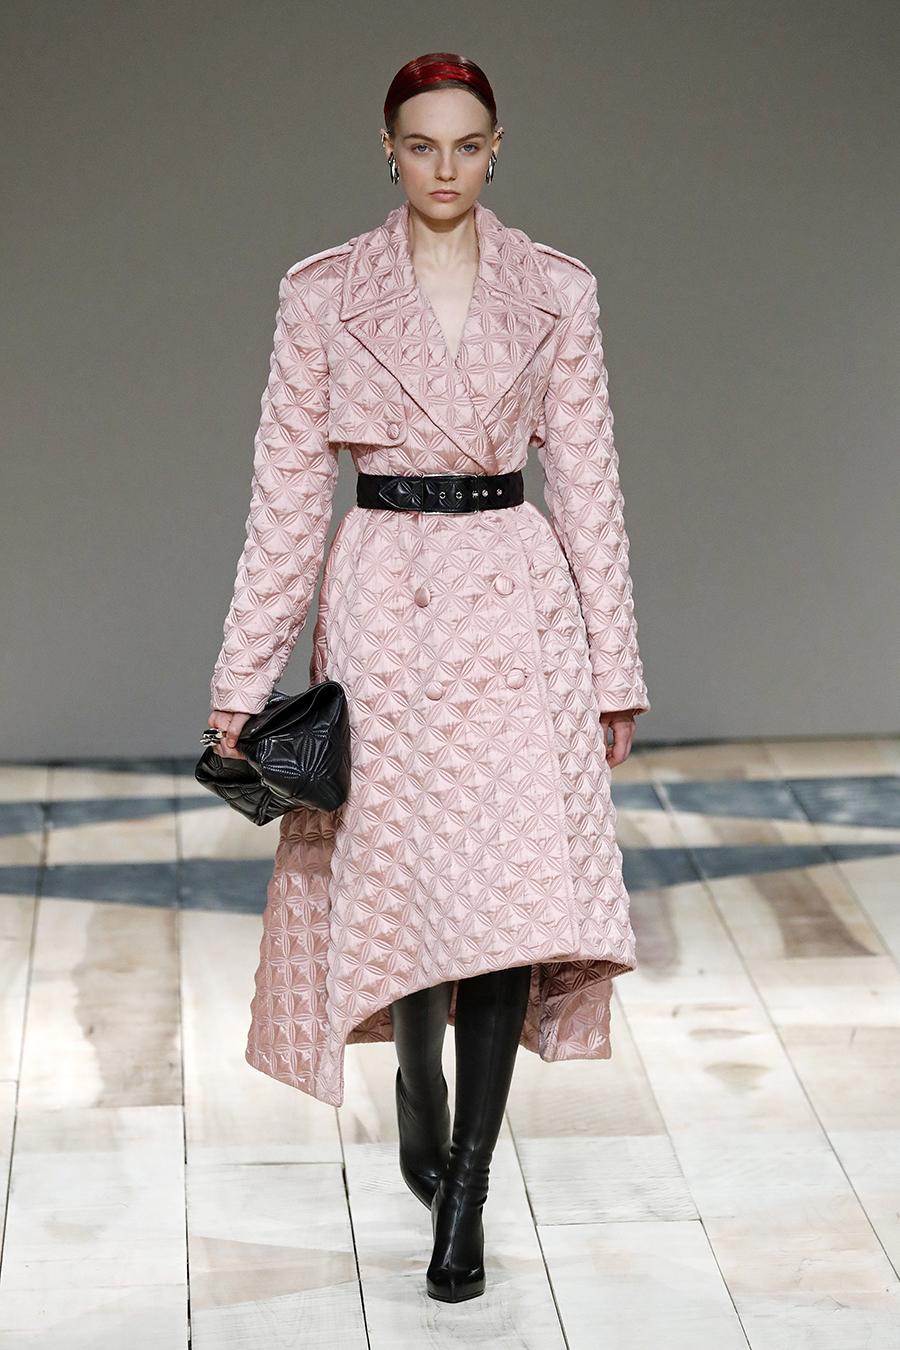 модное пальто осень 2020 стеганое розовое под пояс за колено асимметричное